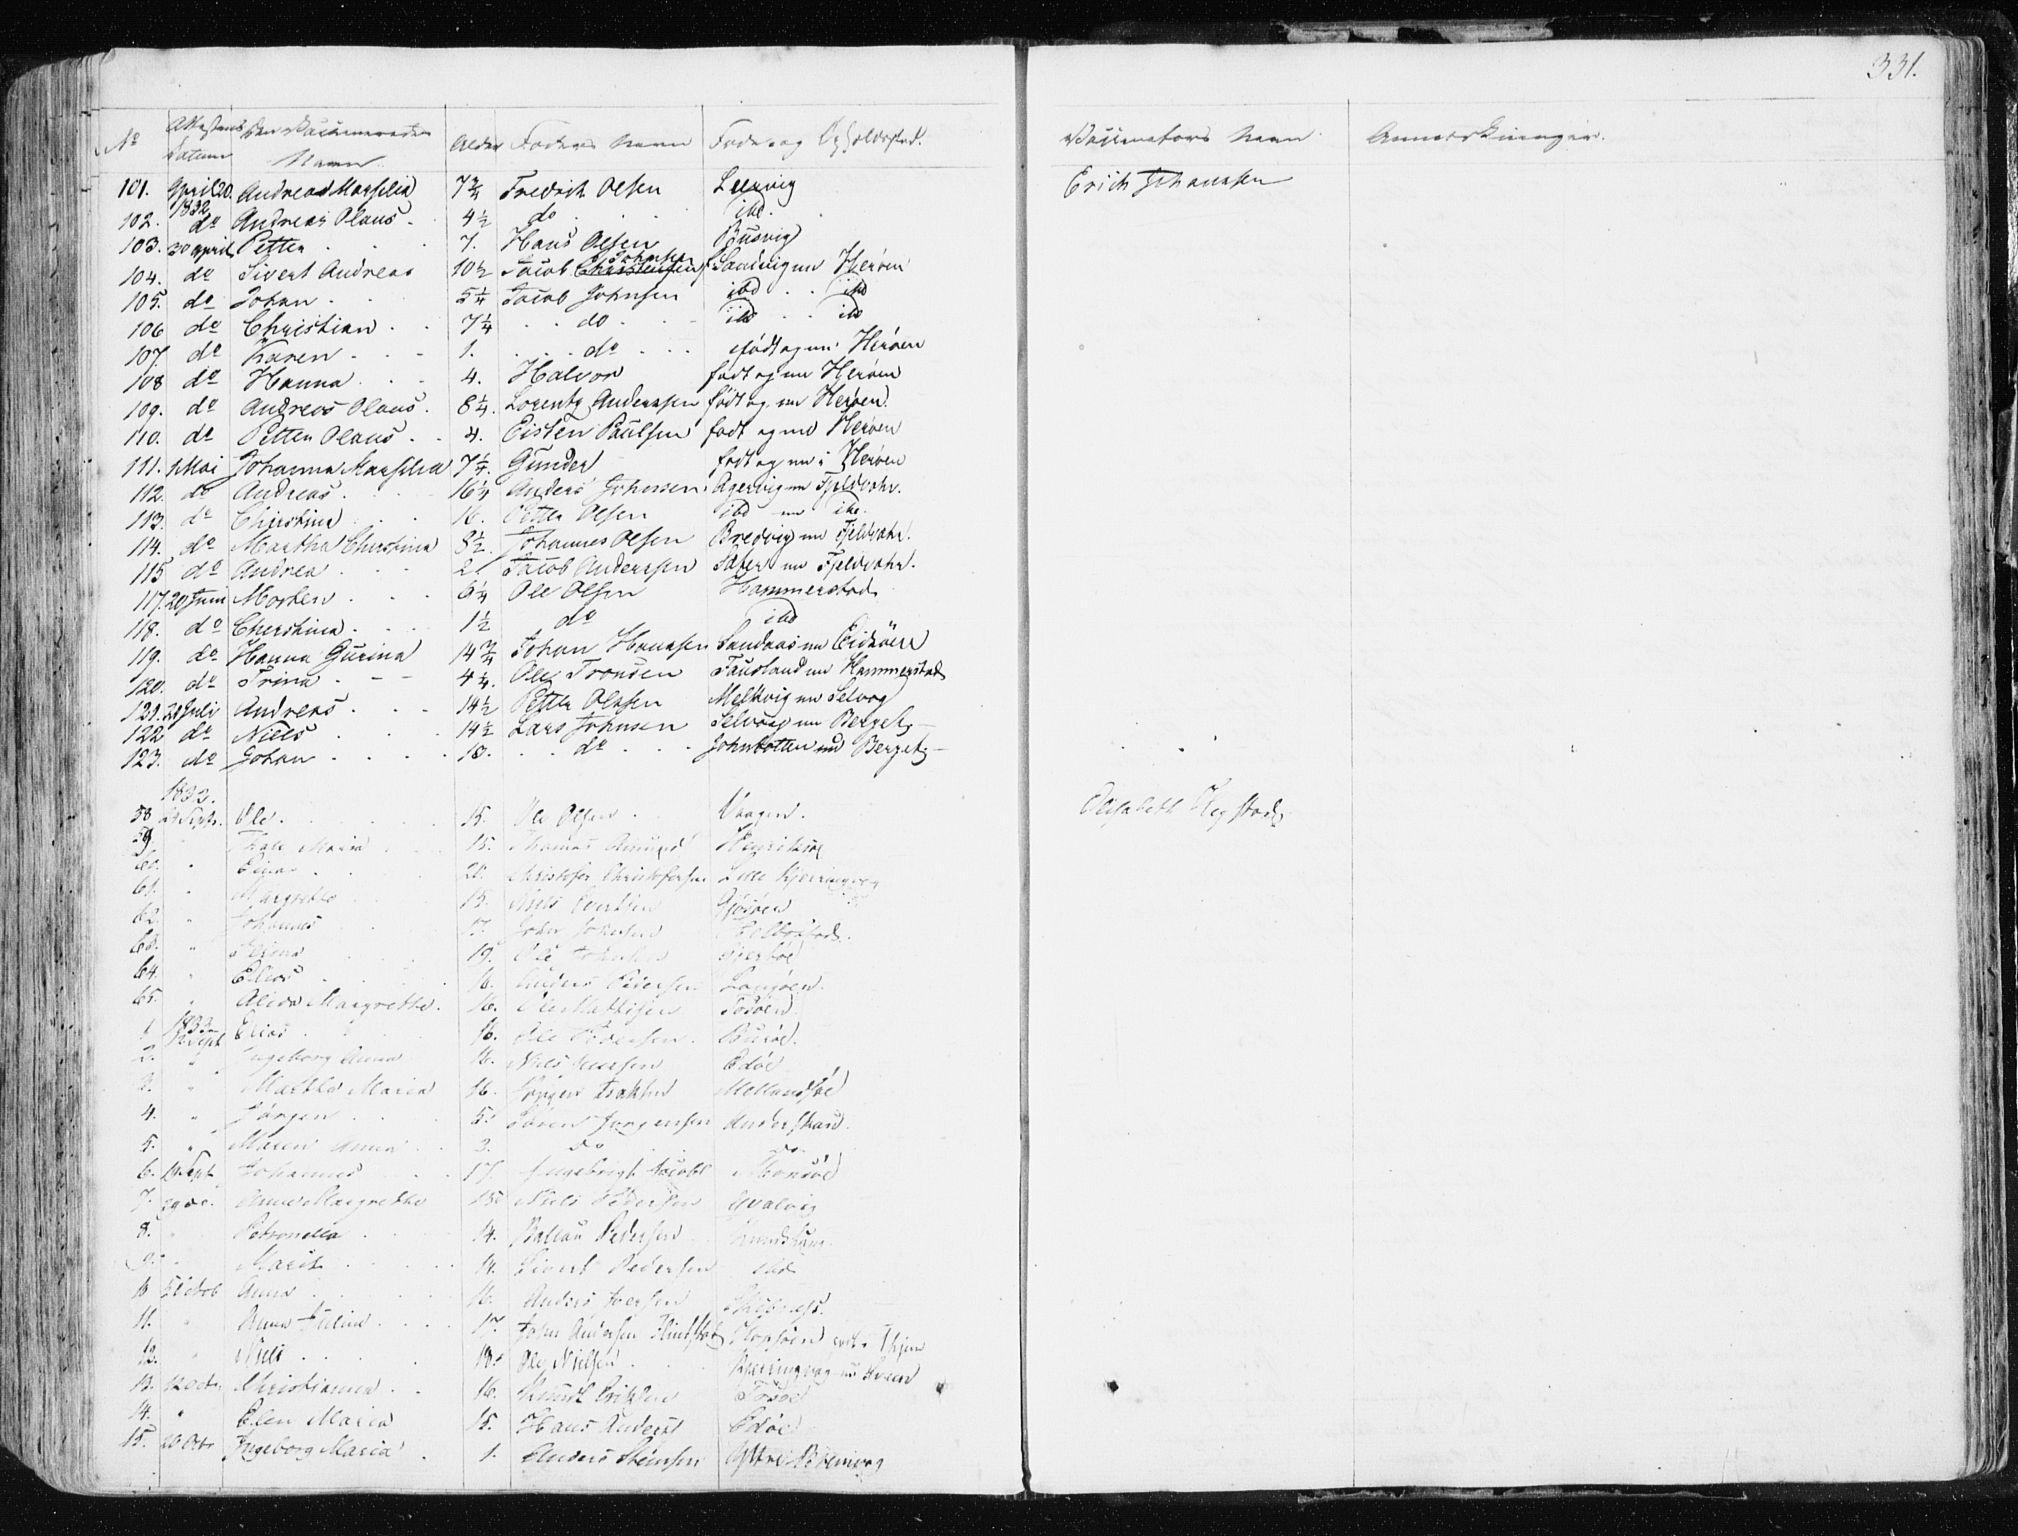 SAT, Ministerialprotokoller, klokkerbøker og fødselsregistre - Sør-Trøndelag, 634/L0528: Ministerialbok nr. 634A04, 1827-1842, s. 331